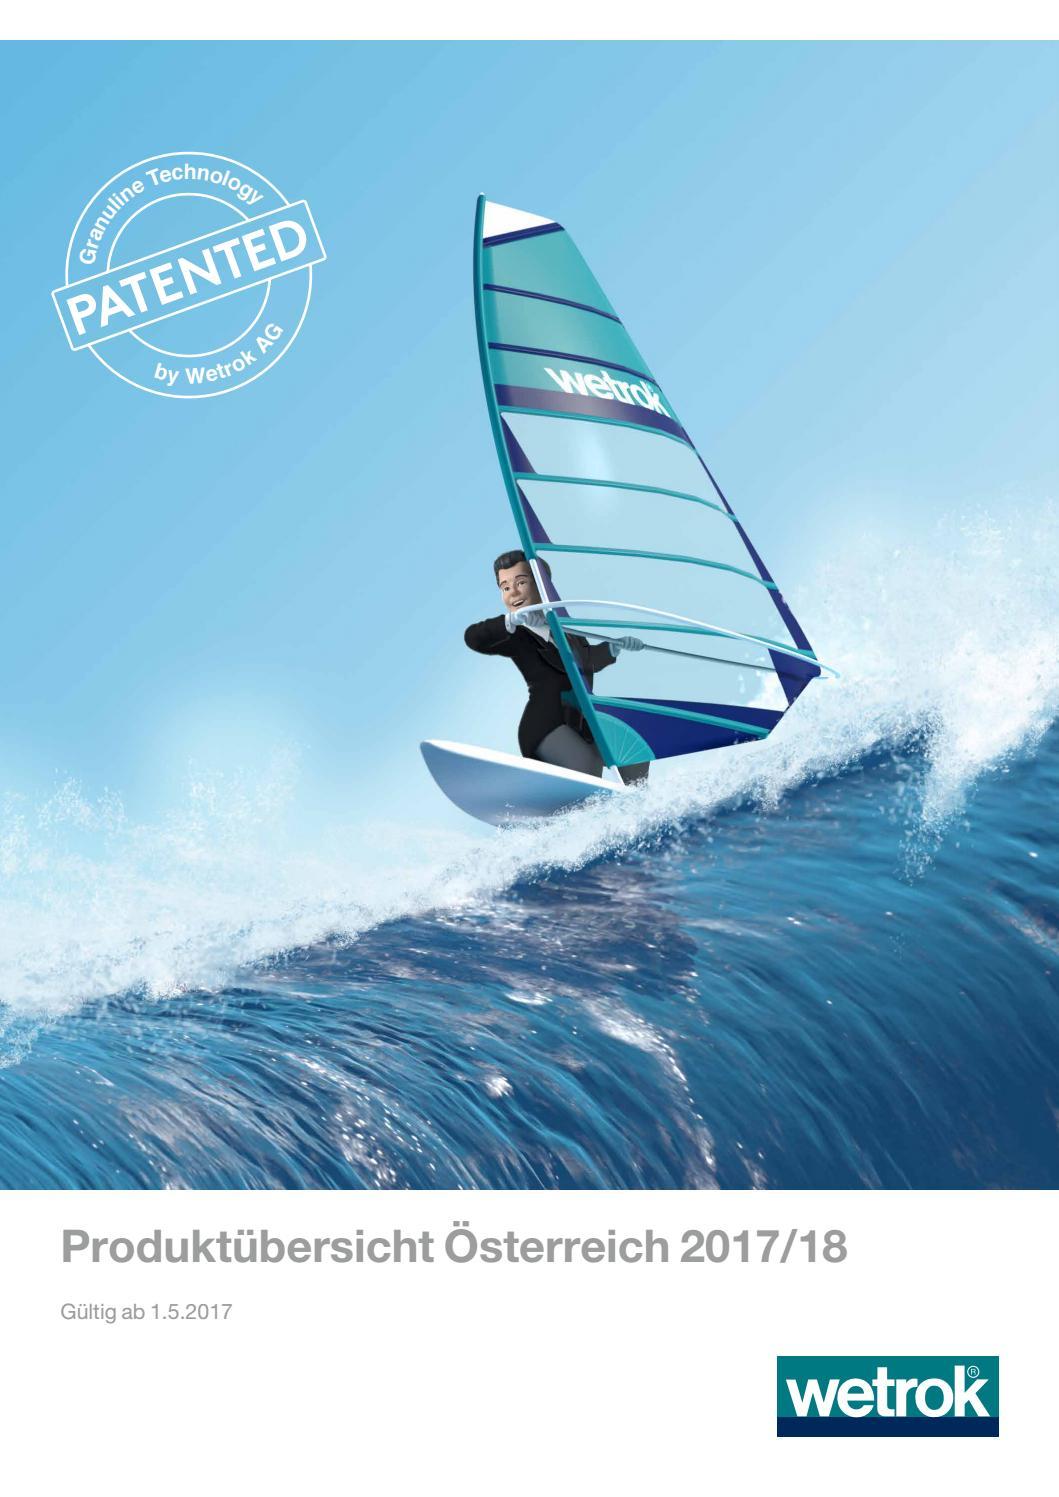 Wetrok Austria Produktübersicht 2017/18 By Wetrok AG   Issuu